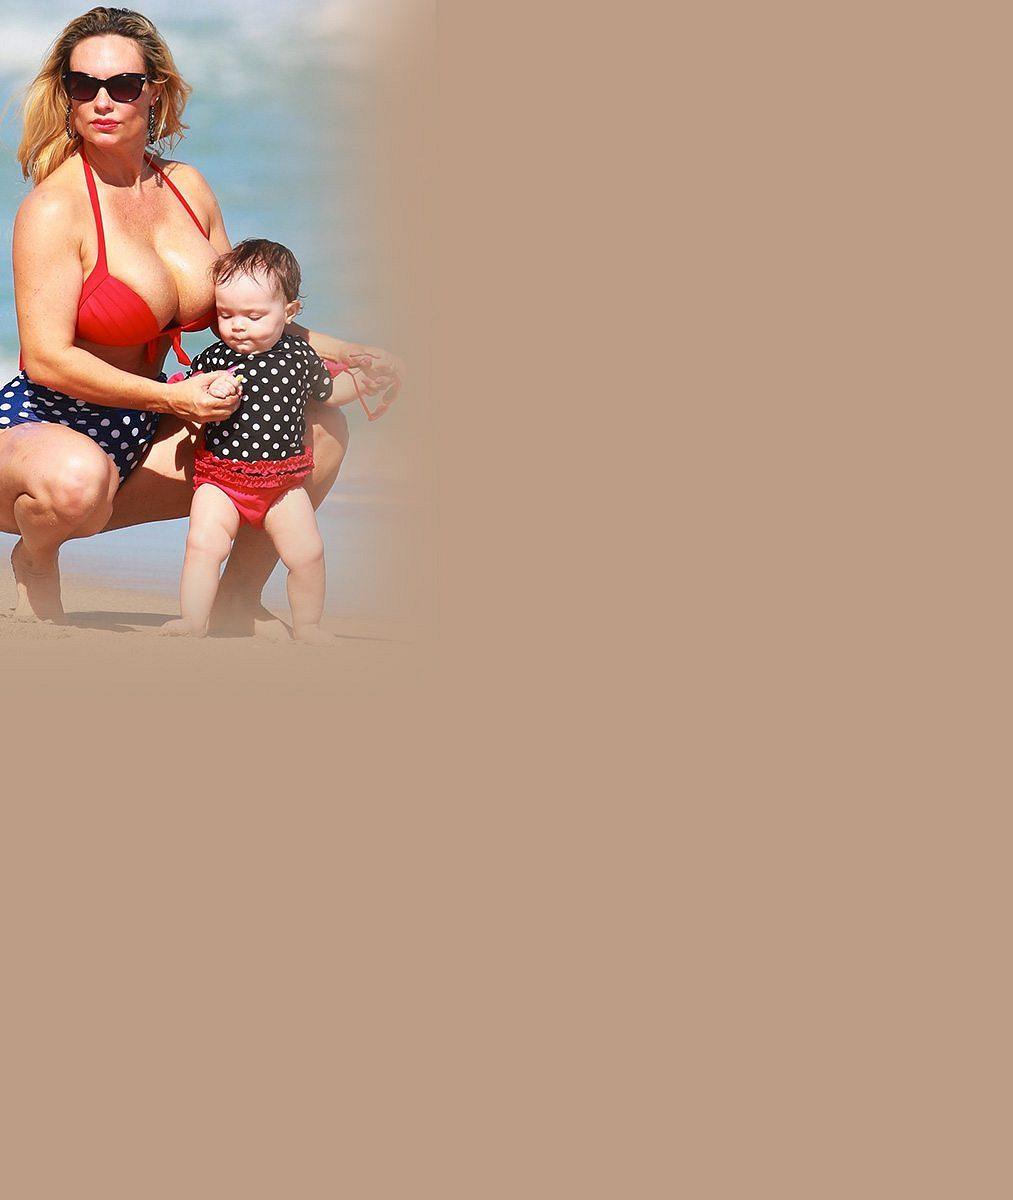 Omračující vnady téhle slavné maminky (37) nešlo přehlédnout. Turisti měli o zábavu postaráno